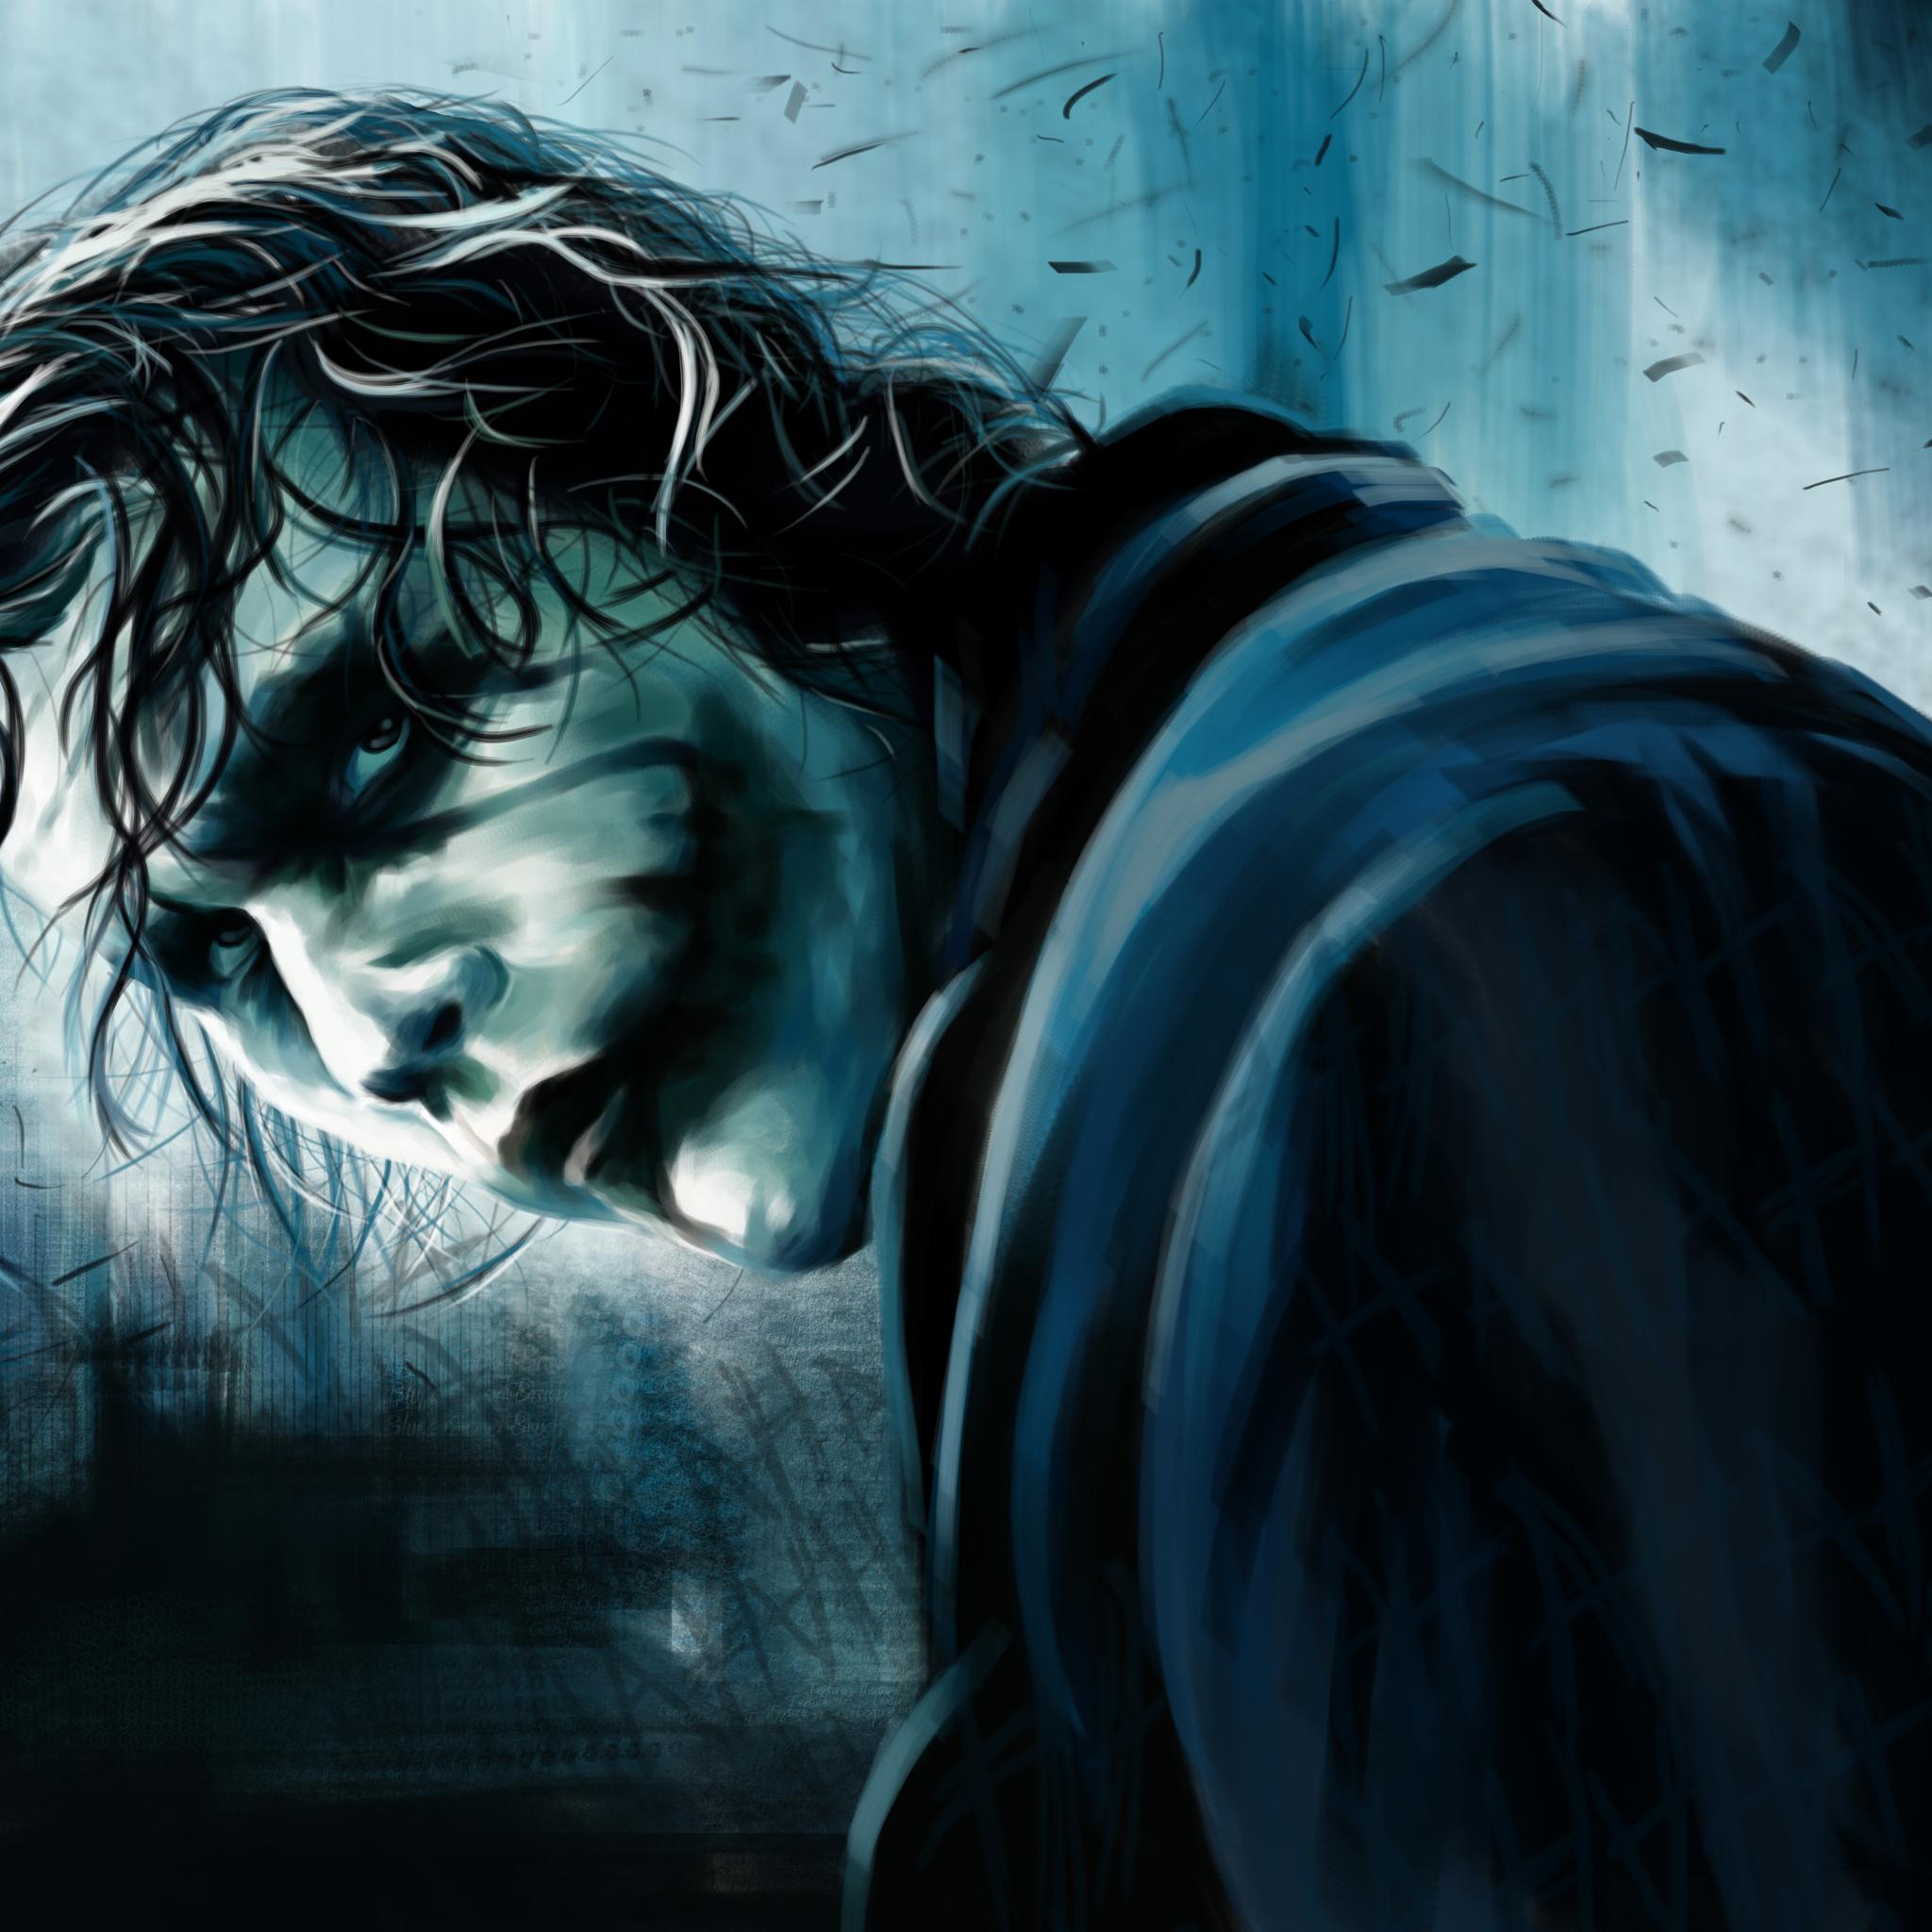 christopher-nolan-joker-art-ob.jpg